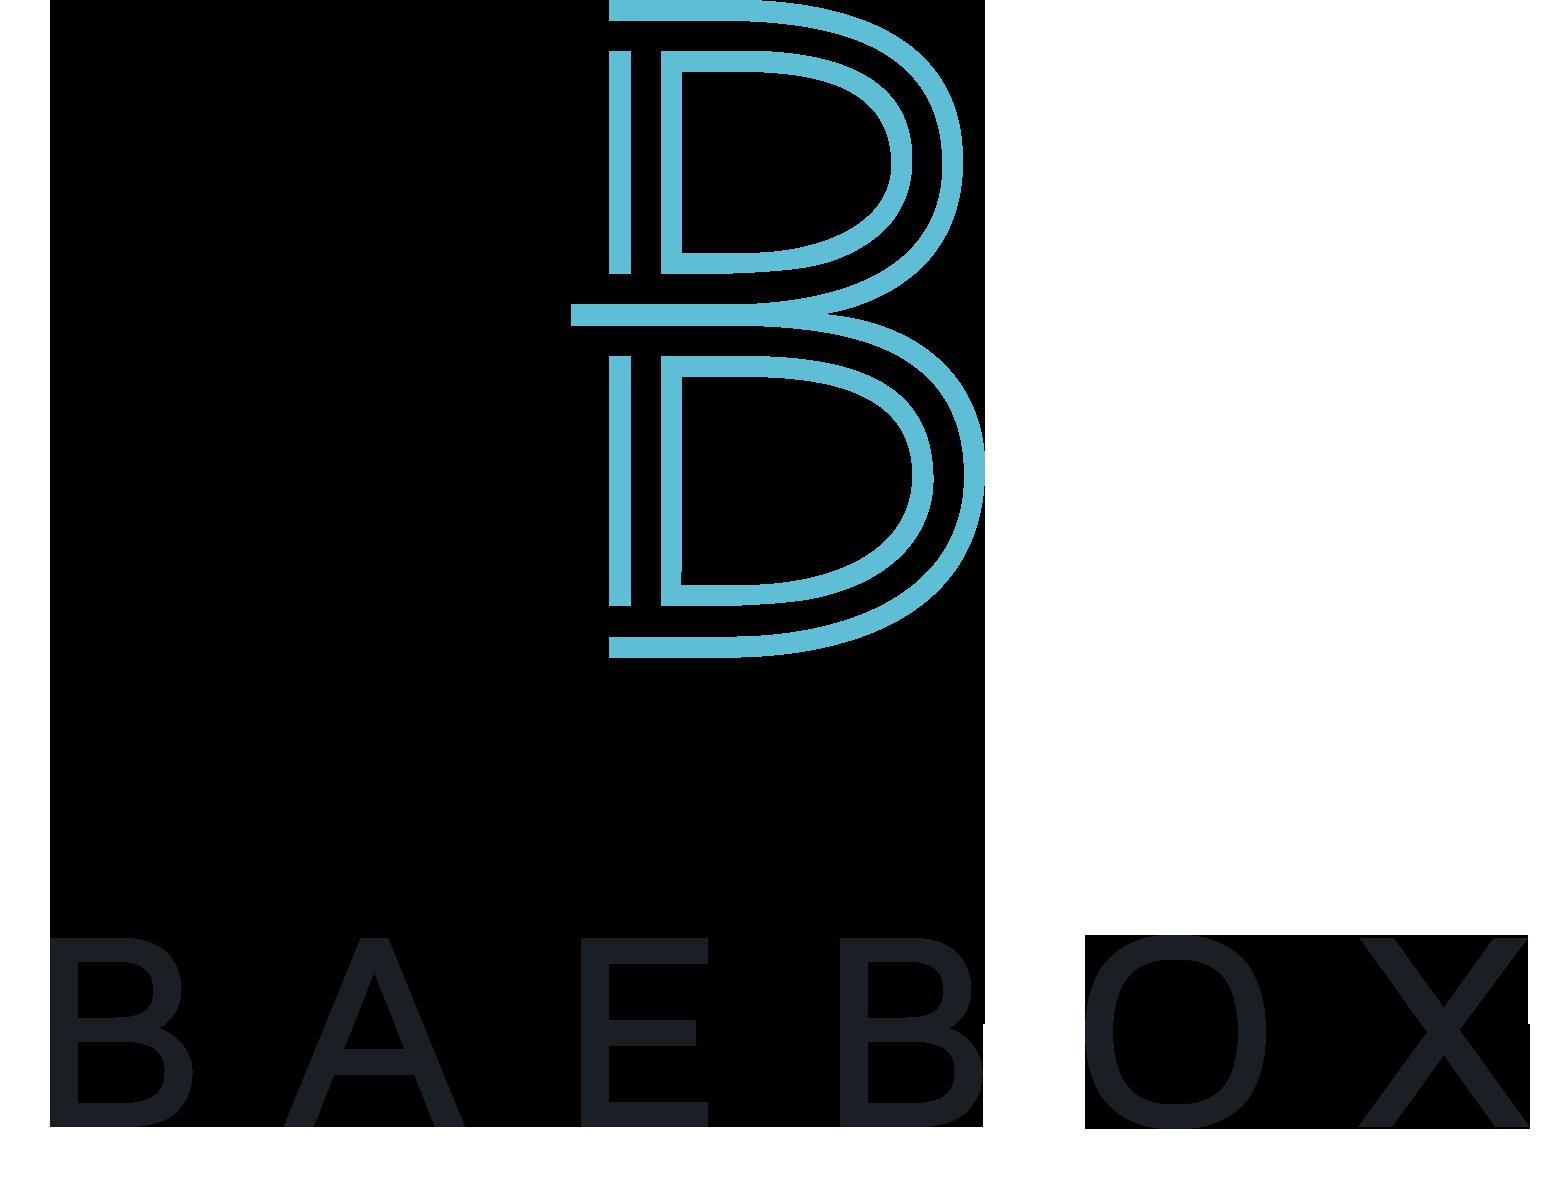 (c) Baebox.co.uk